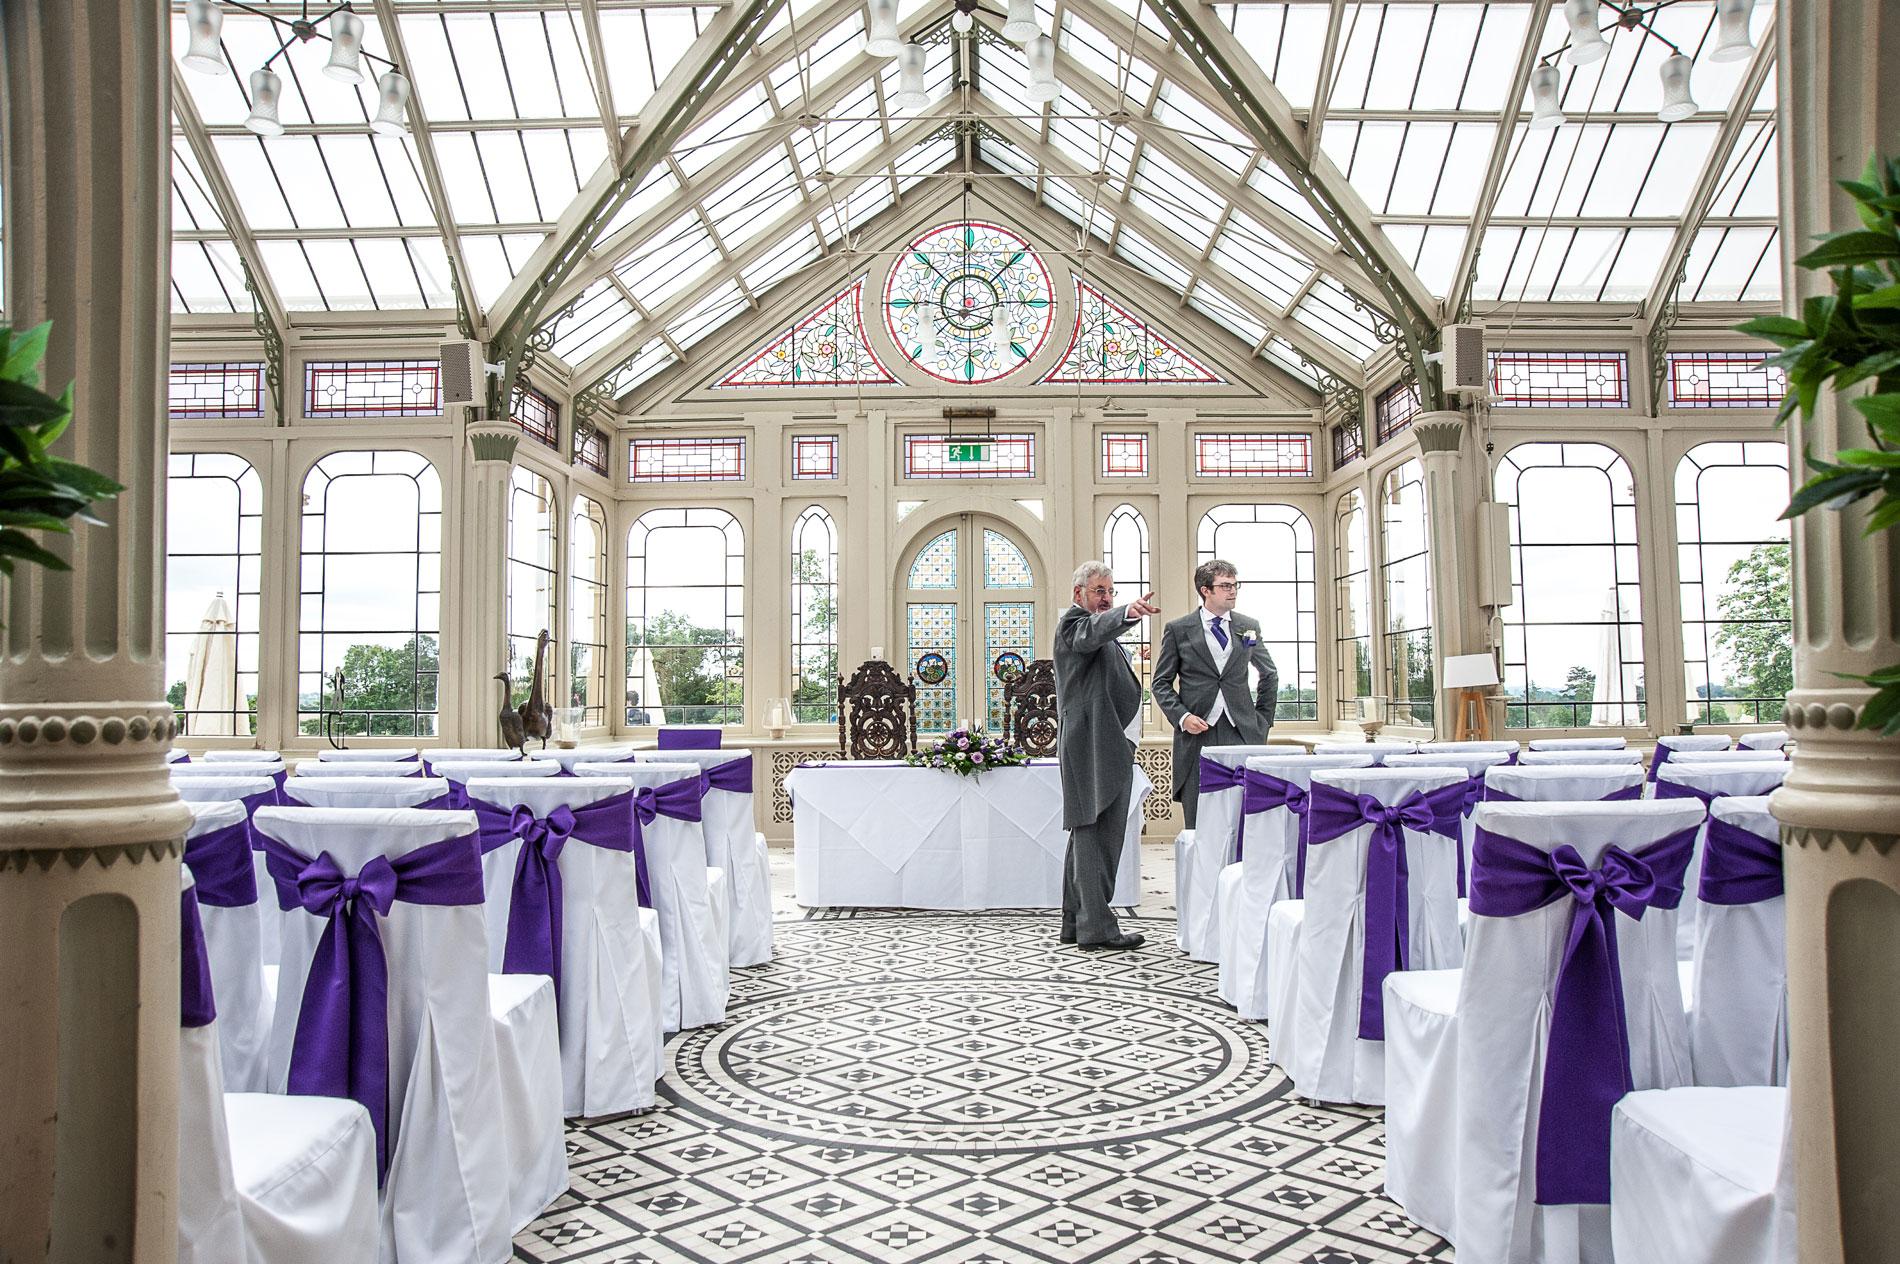 Kilworth-weddings-_16.jpg